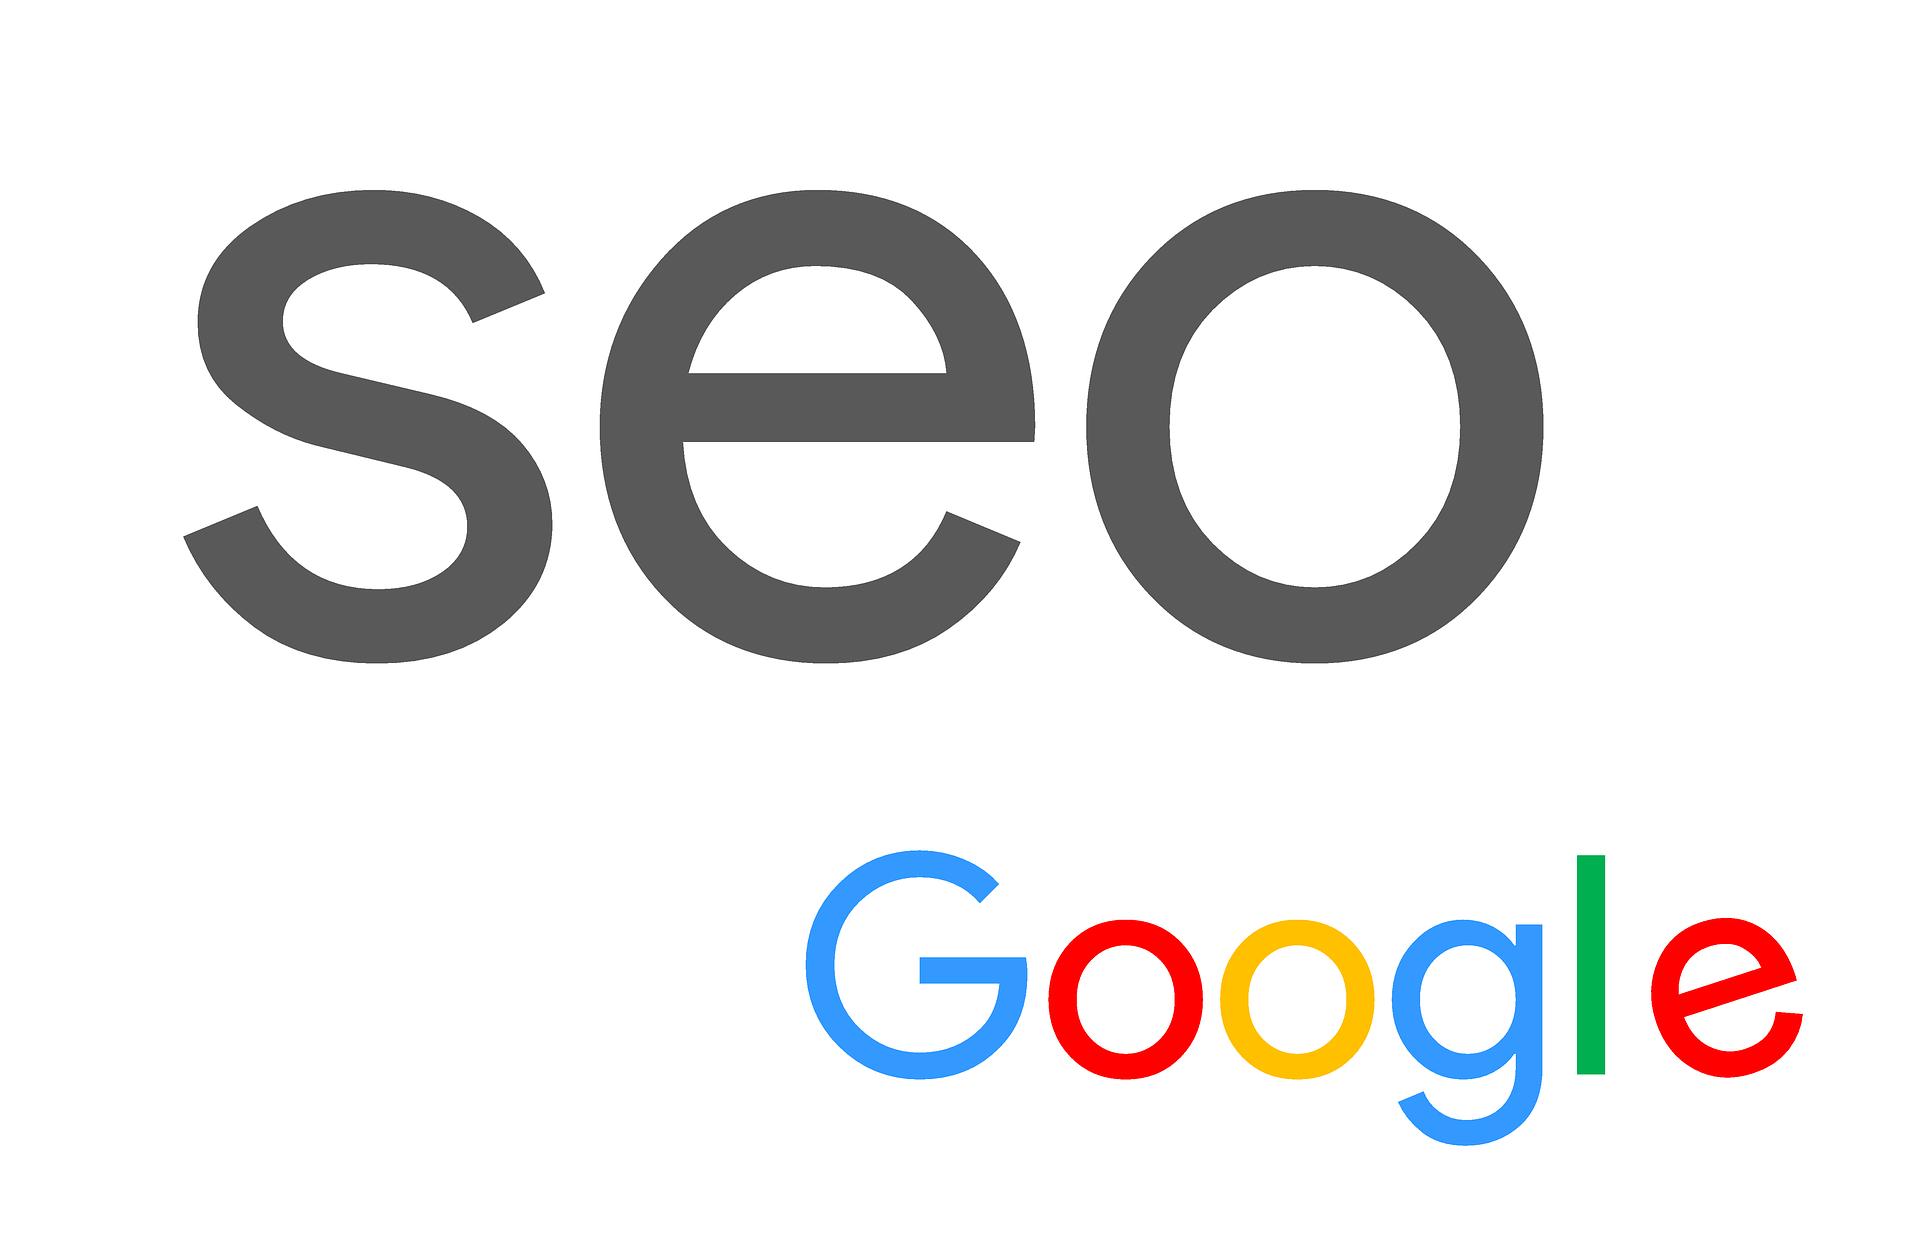 pozycjonowanie w wyszukiwarce google